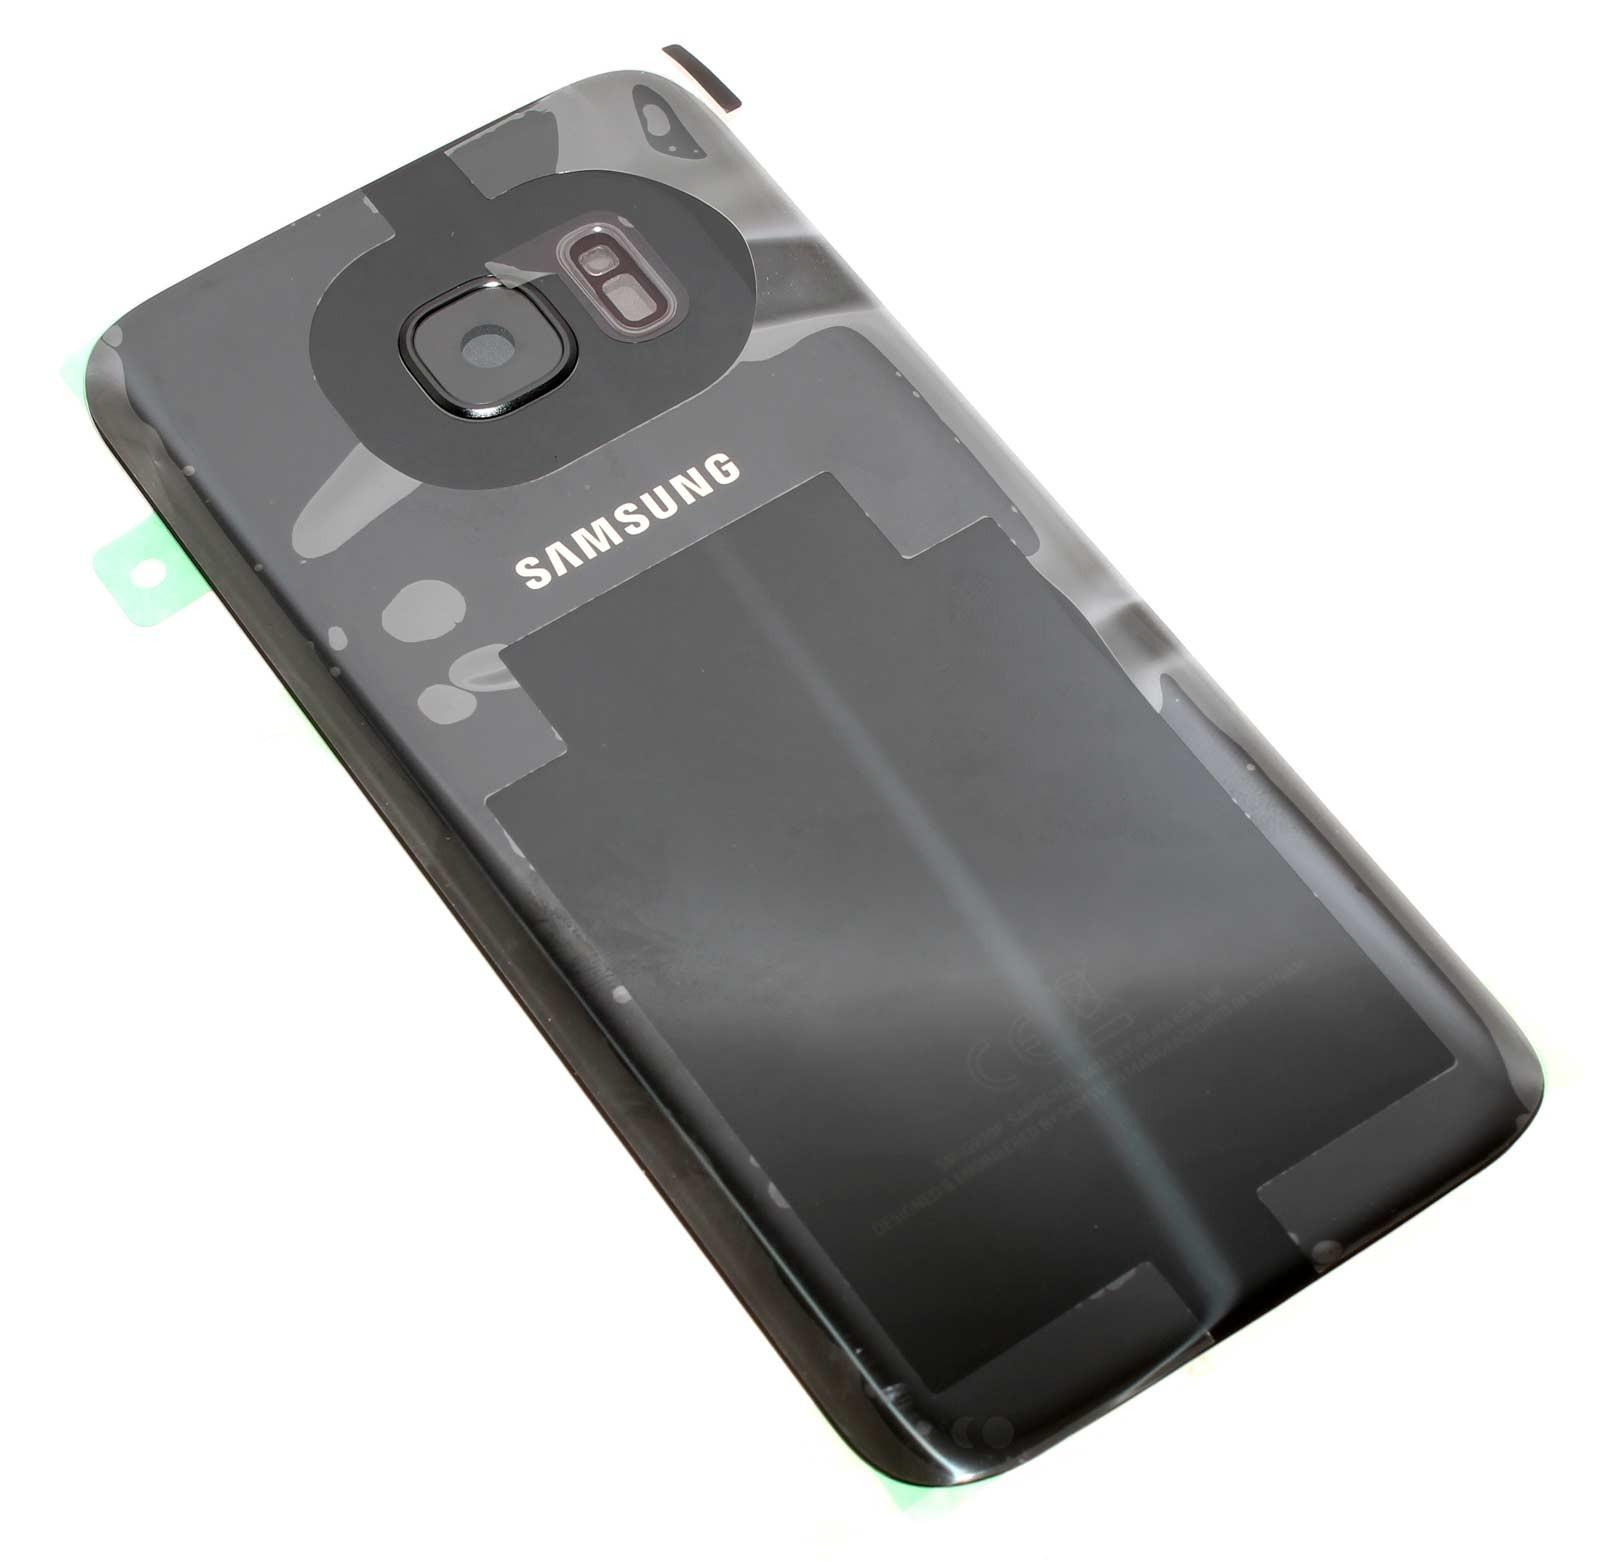 Original Samsung Akkudeckel, Batterieabdeckung, Rückseite, Back-Cover schwarz mit Klebepad für Samsung Galaxy S7 G930f Smartphone, Handy, Ersatzteil Teilenummer GH82-11384A.